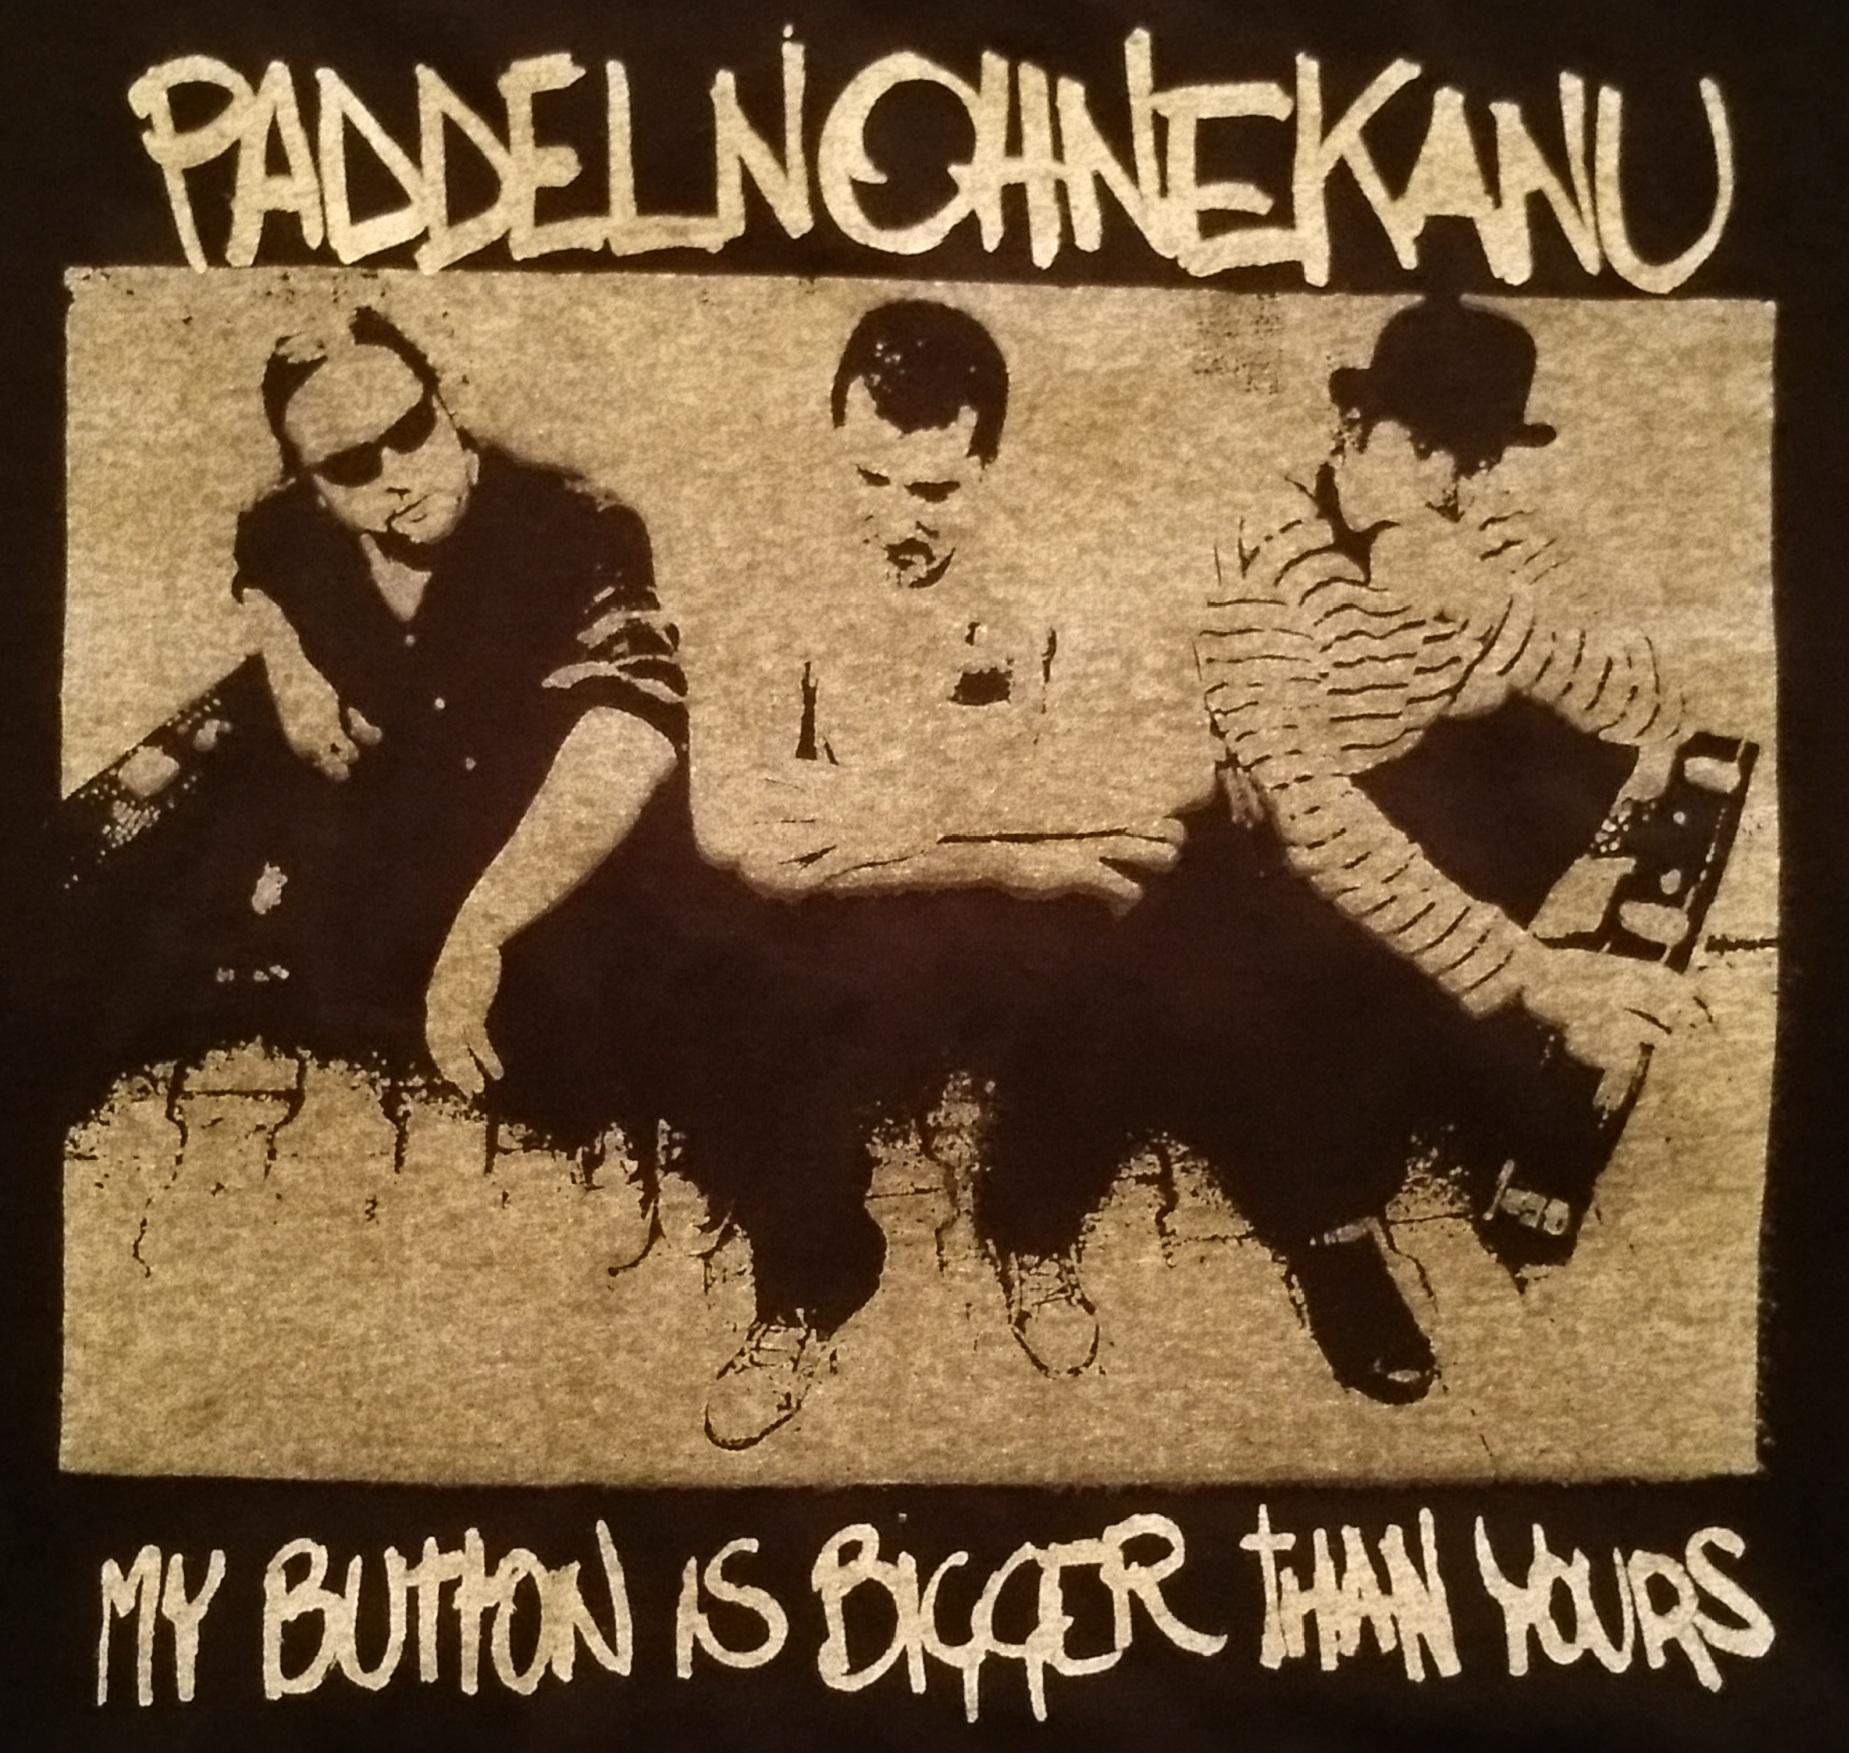 pADDELNoHNEkANU - backcovershirt